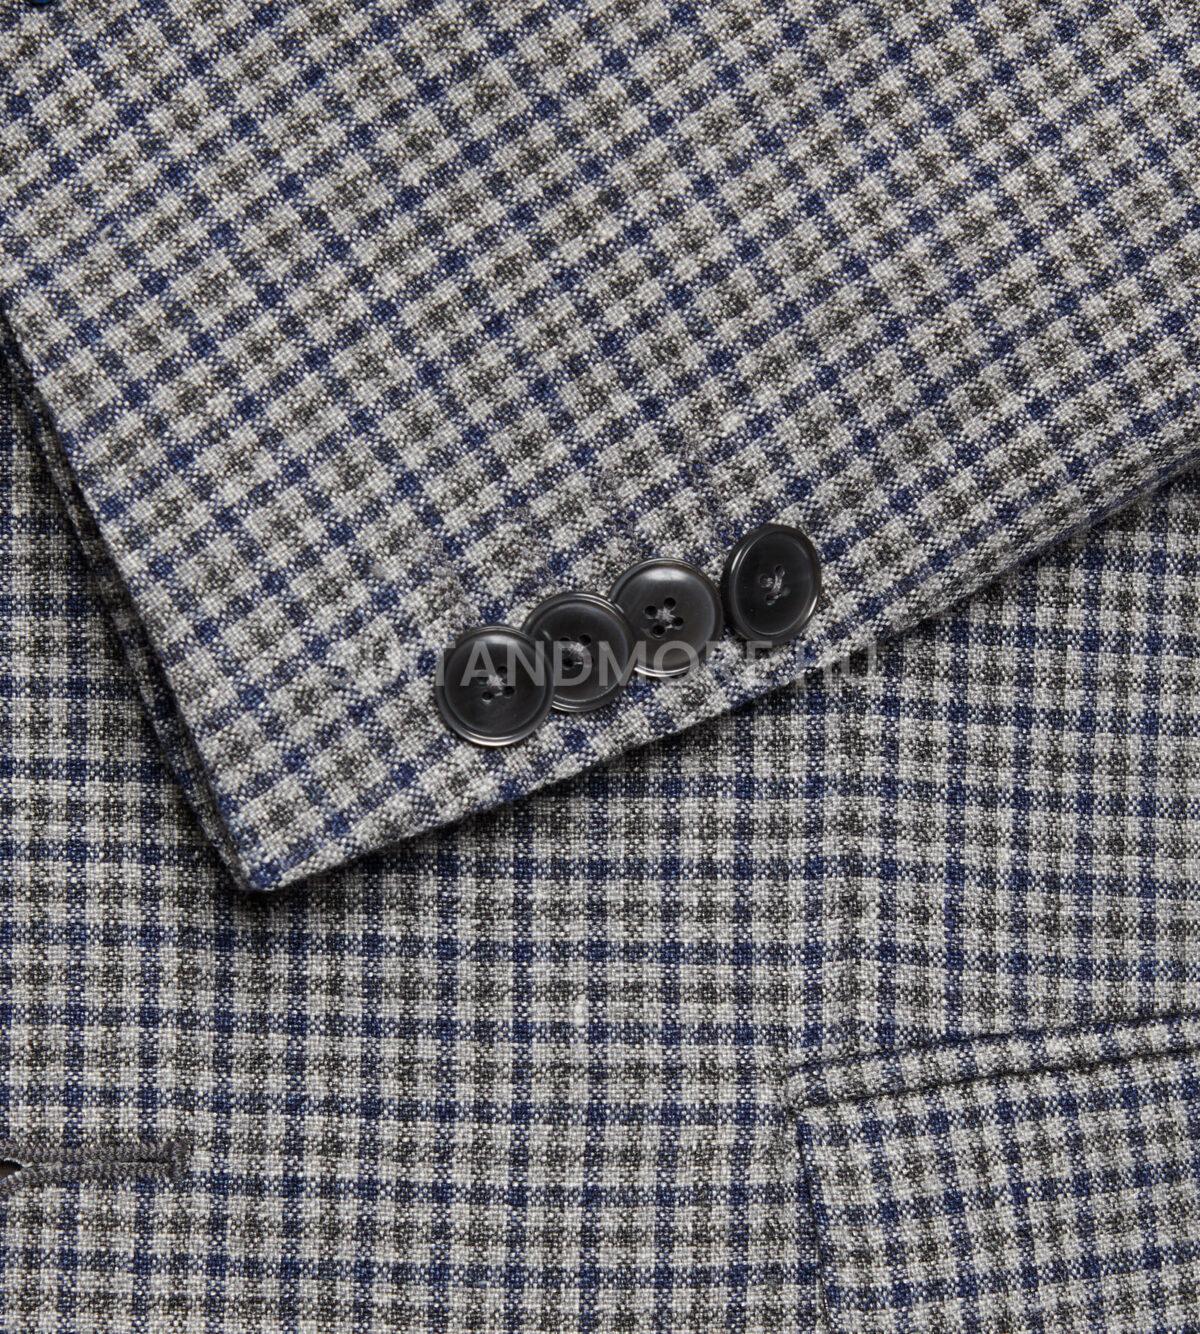 digel-szurke-slim-fit-lenvaszon-gyapju-kockas-zako-2-g-klaas-sf-1100336-45